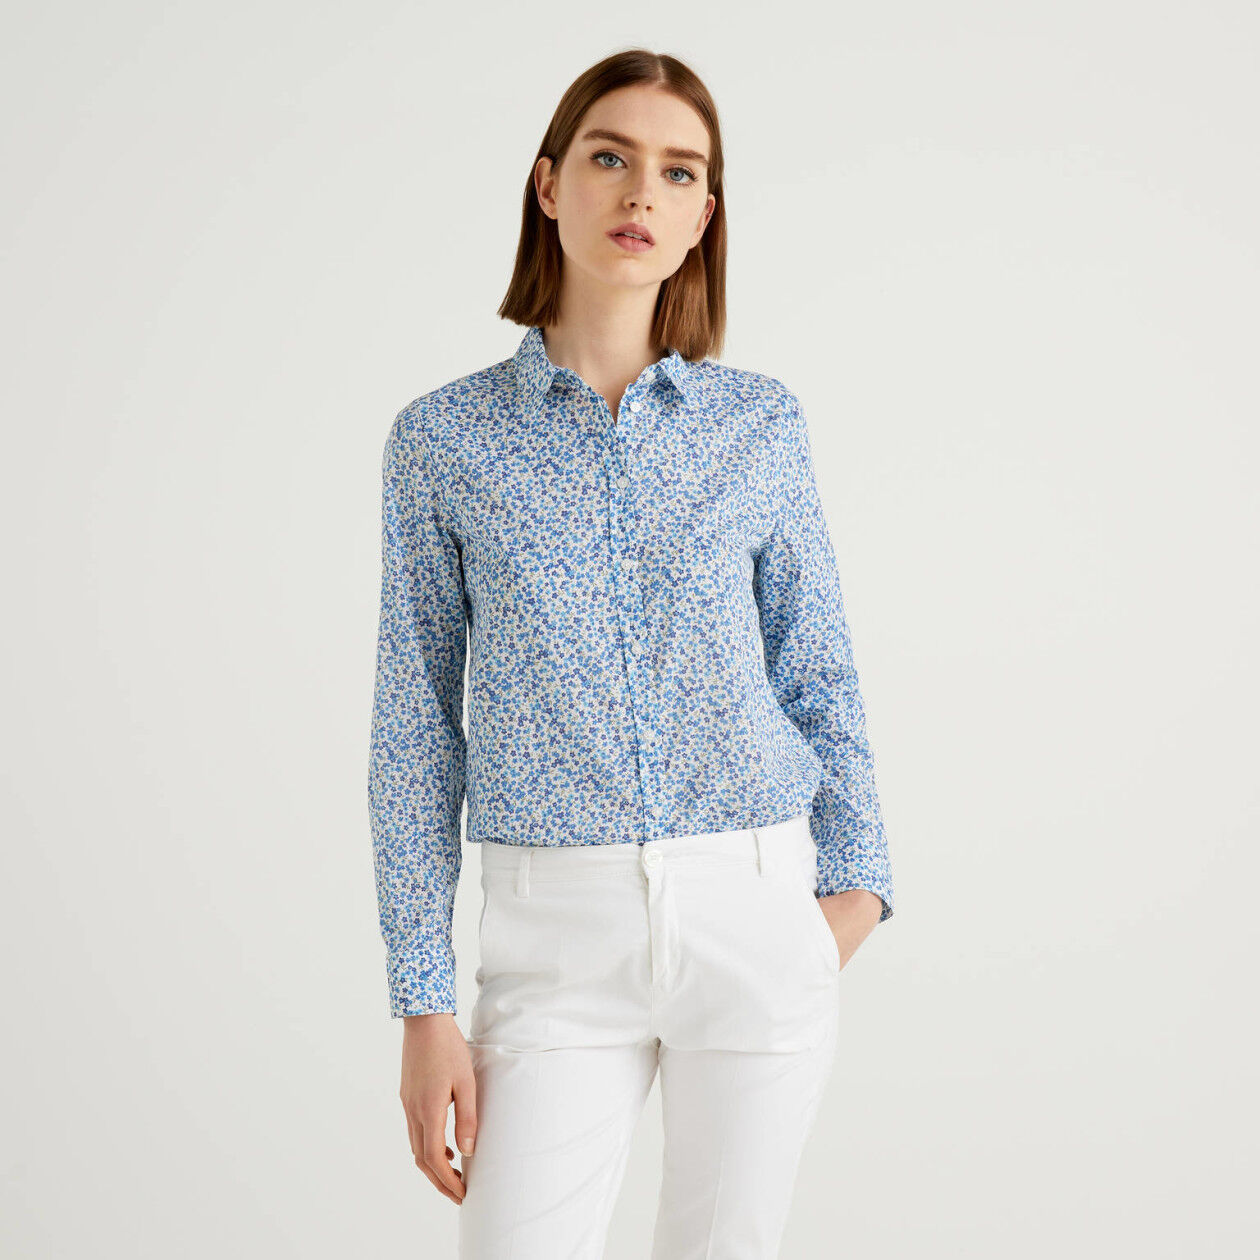 Bluse in 100% Baumwolle mit floralem Print in Hellblau